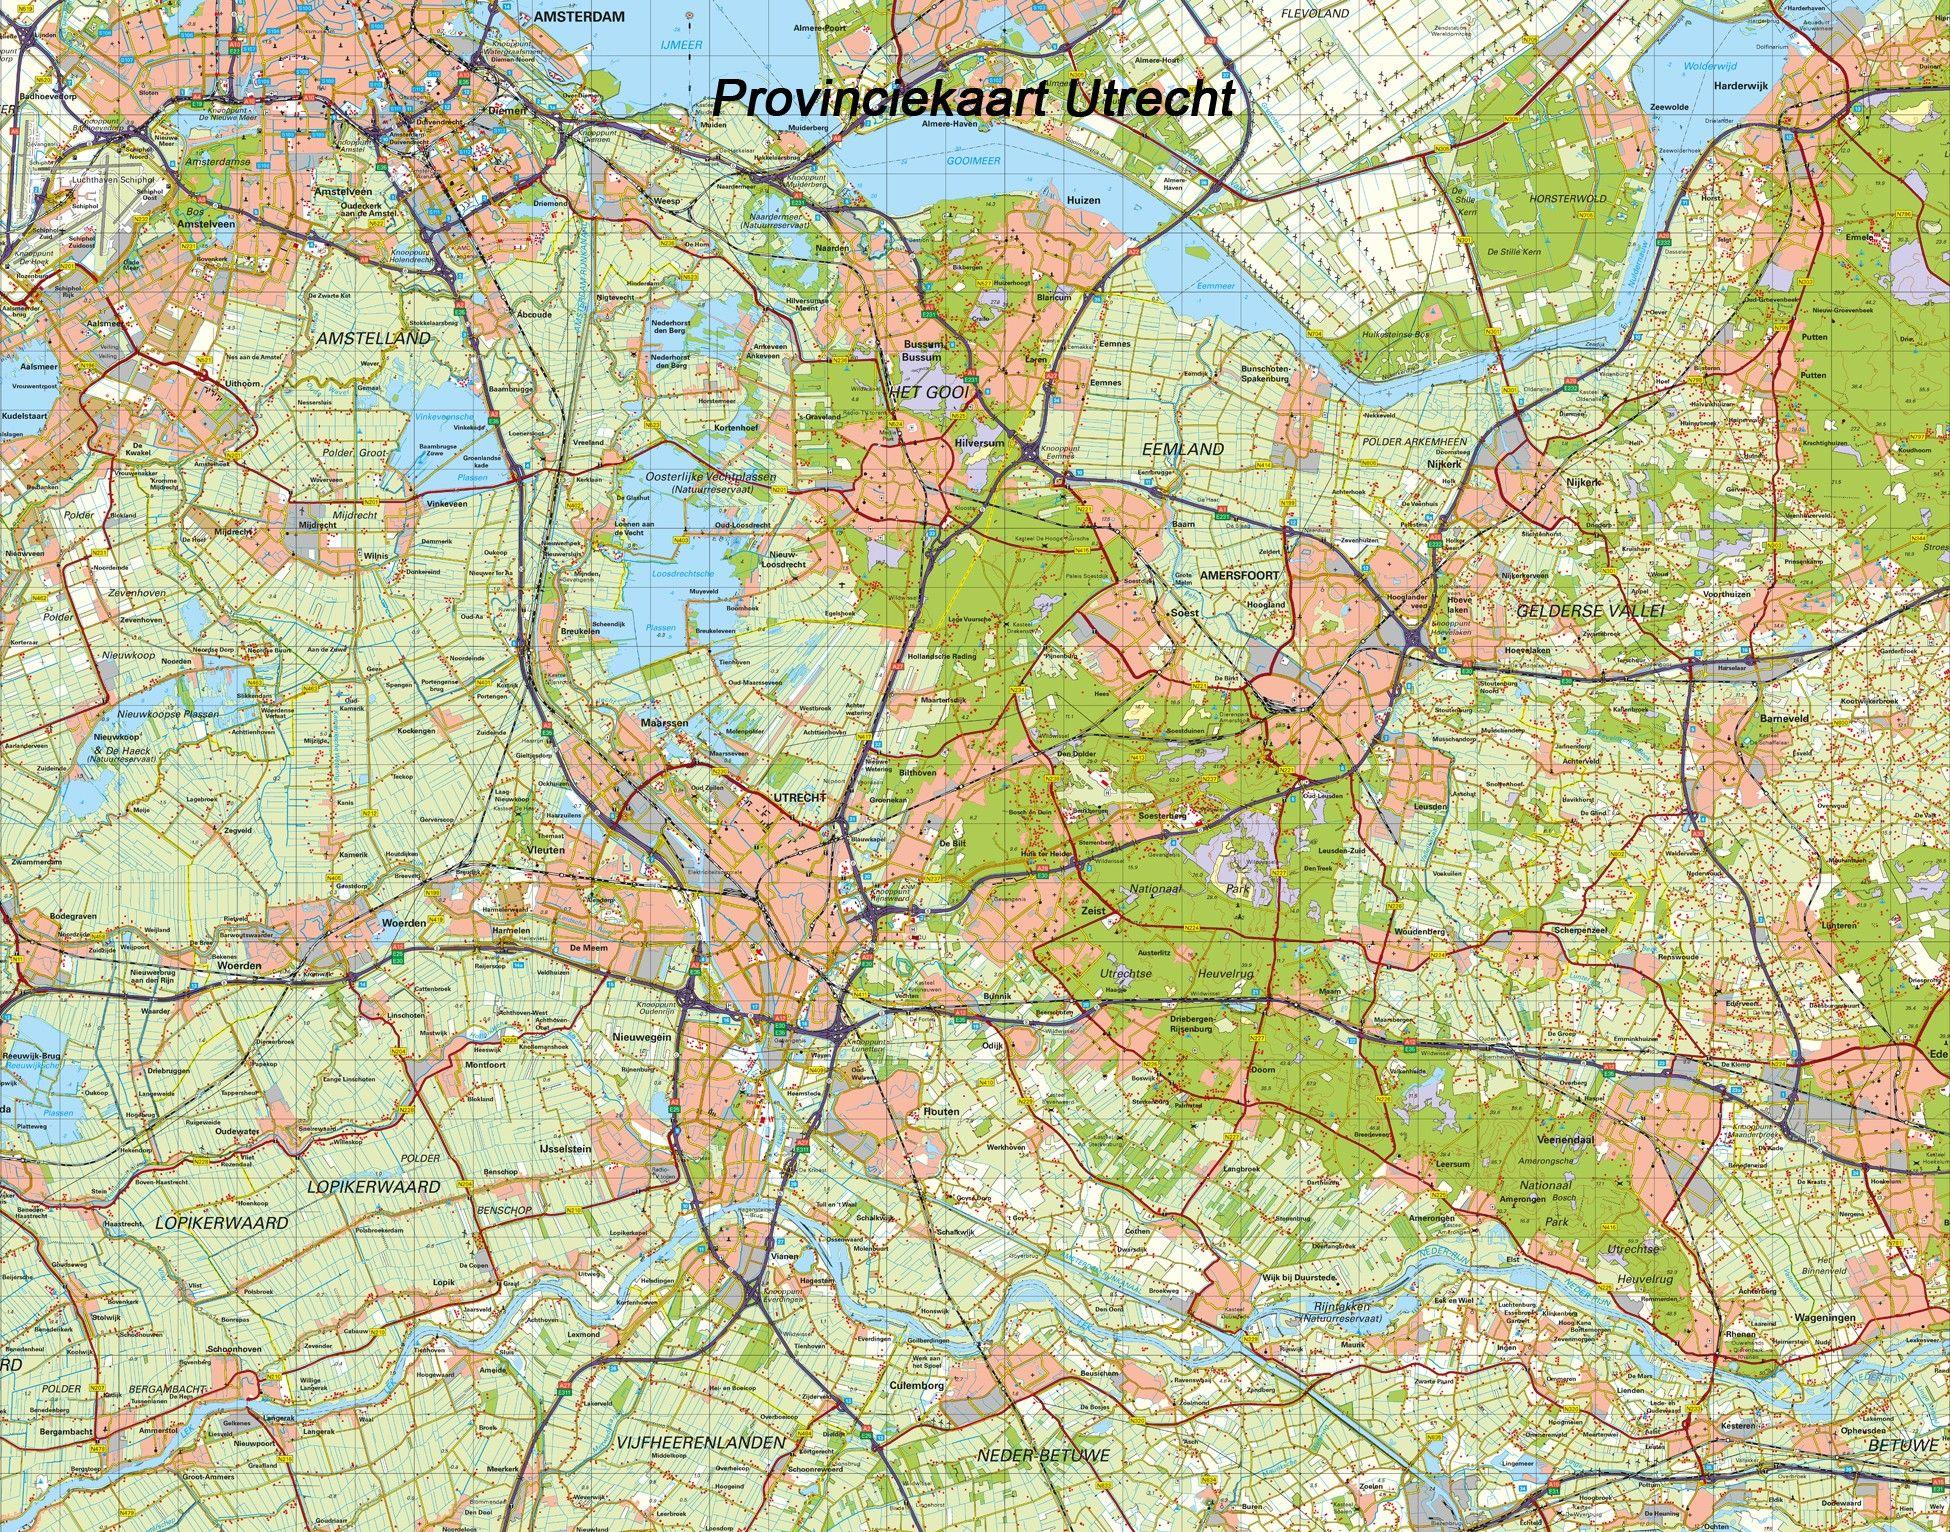 Digitale Provinciekaart Utrecht 1:100.000